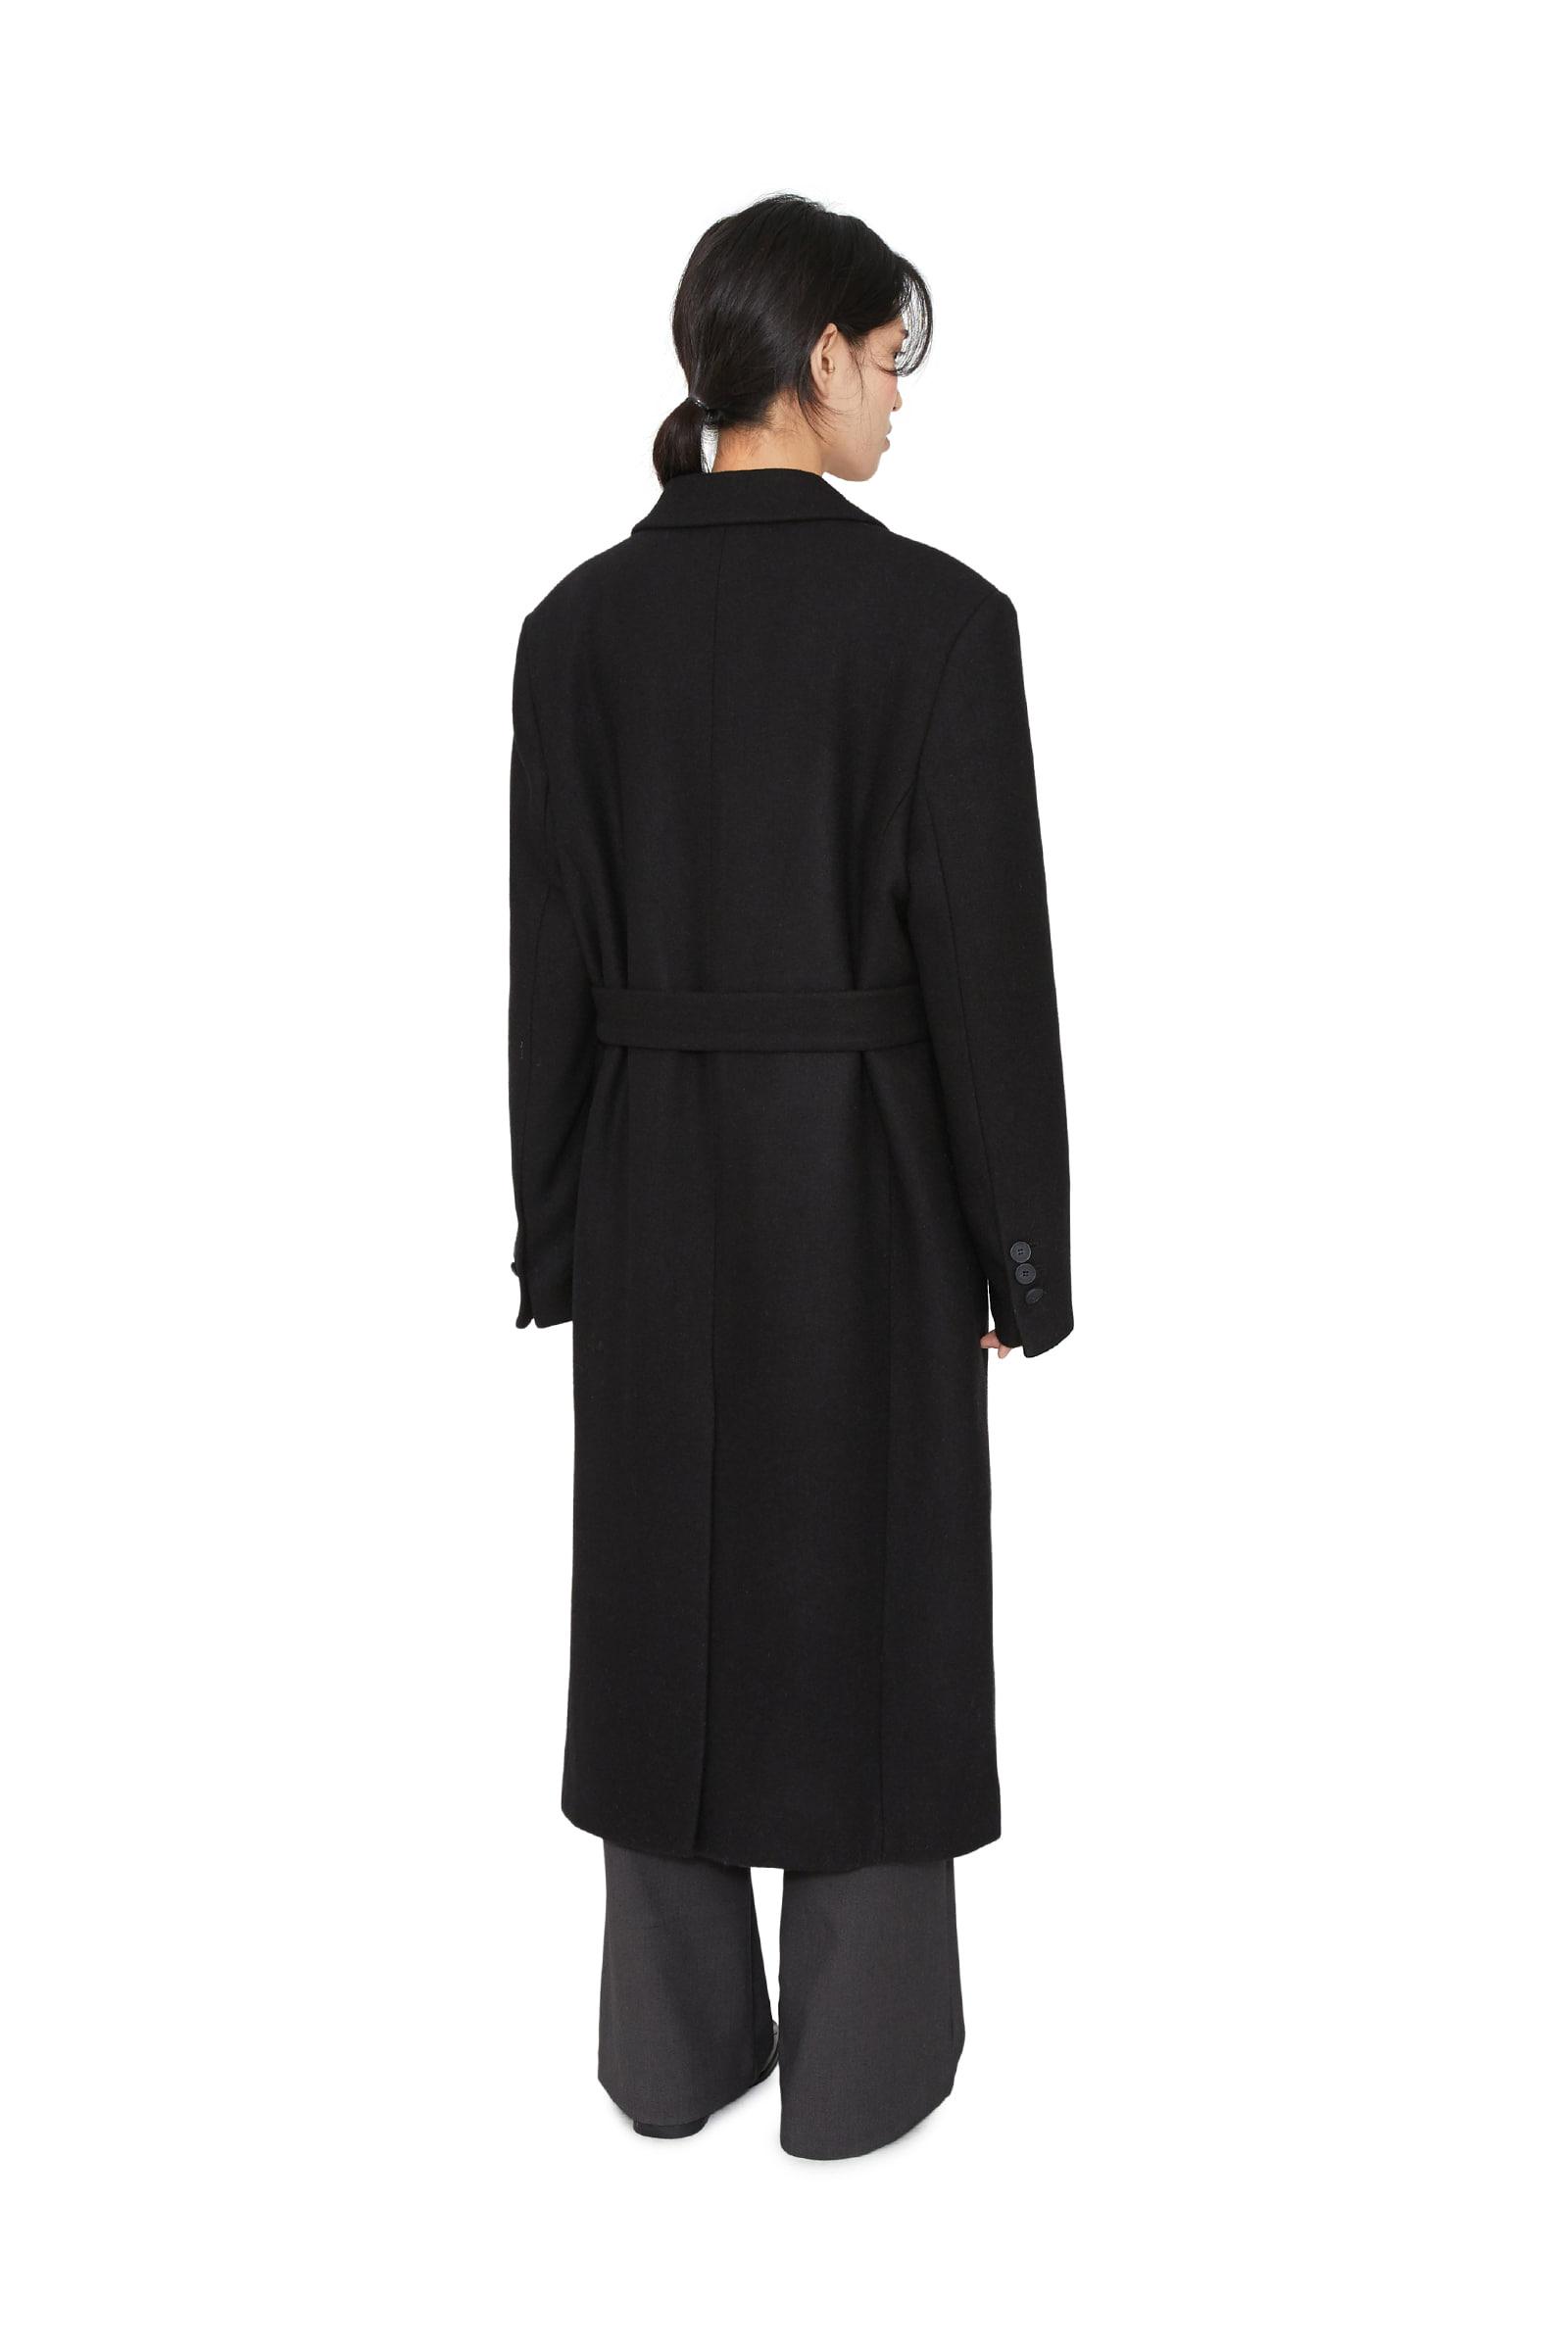 Daven Hidden Single Long Coat